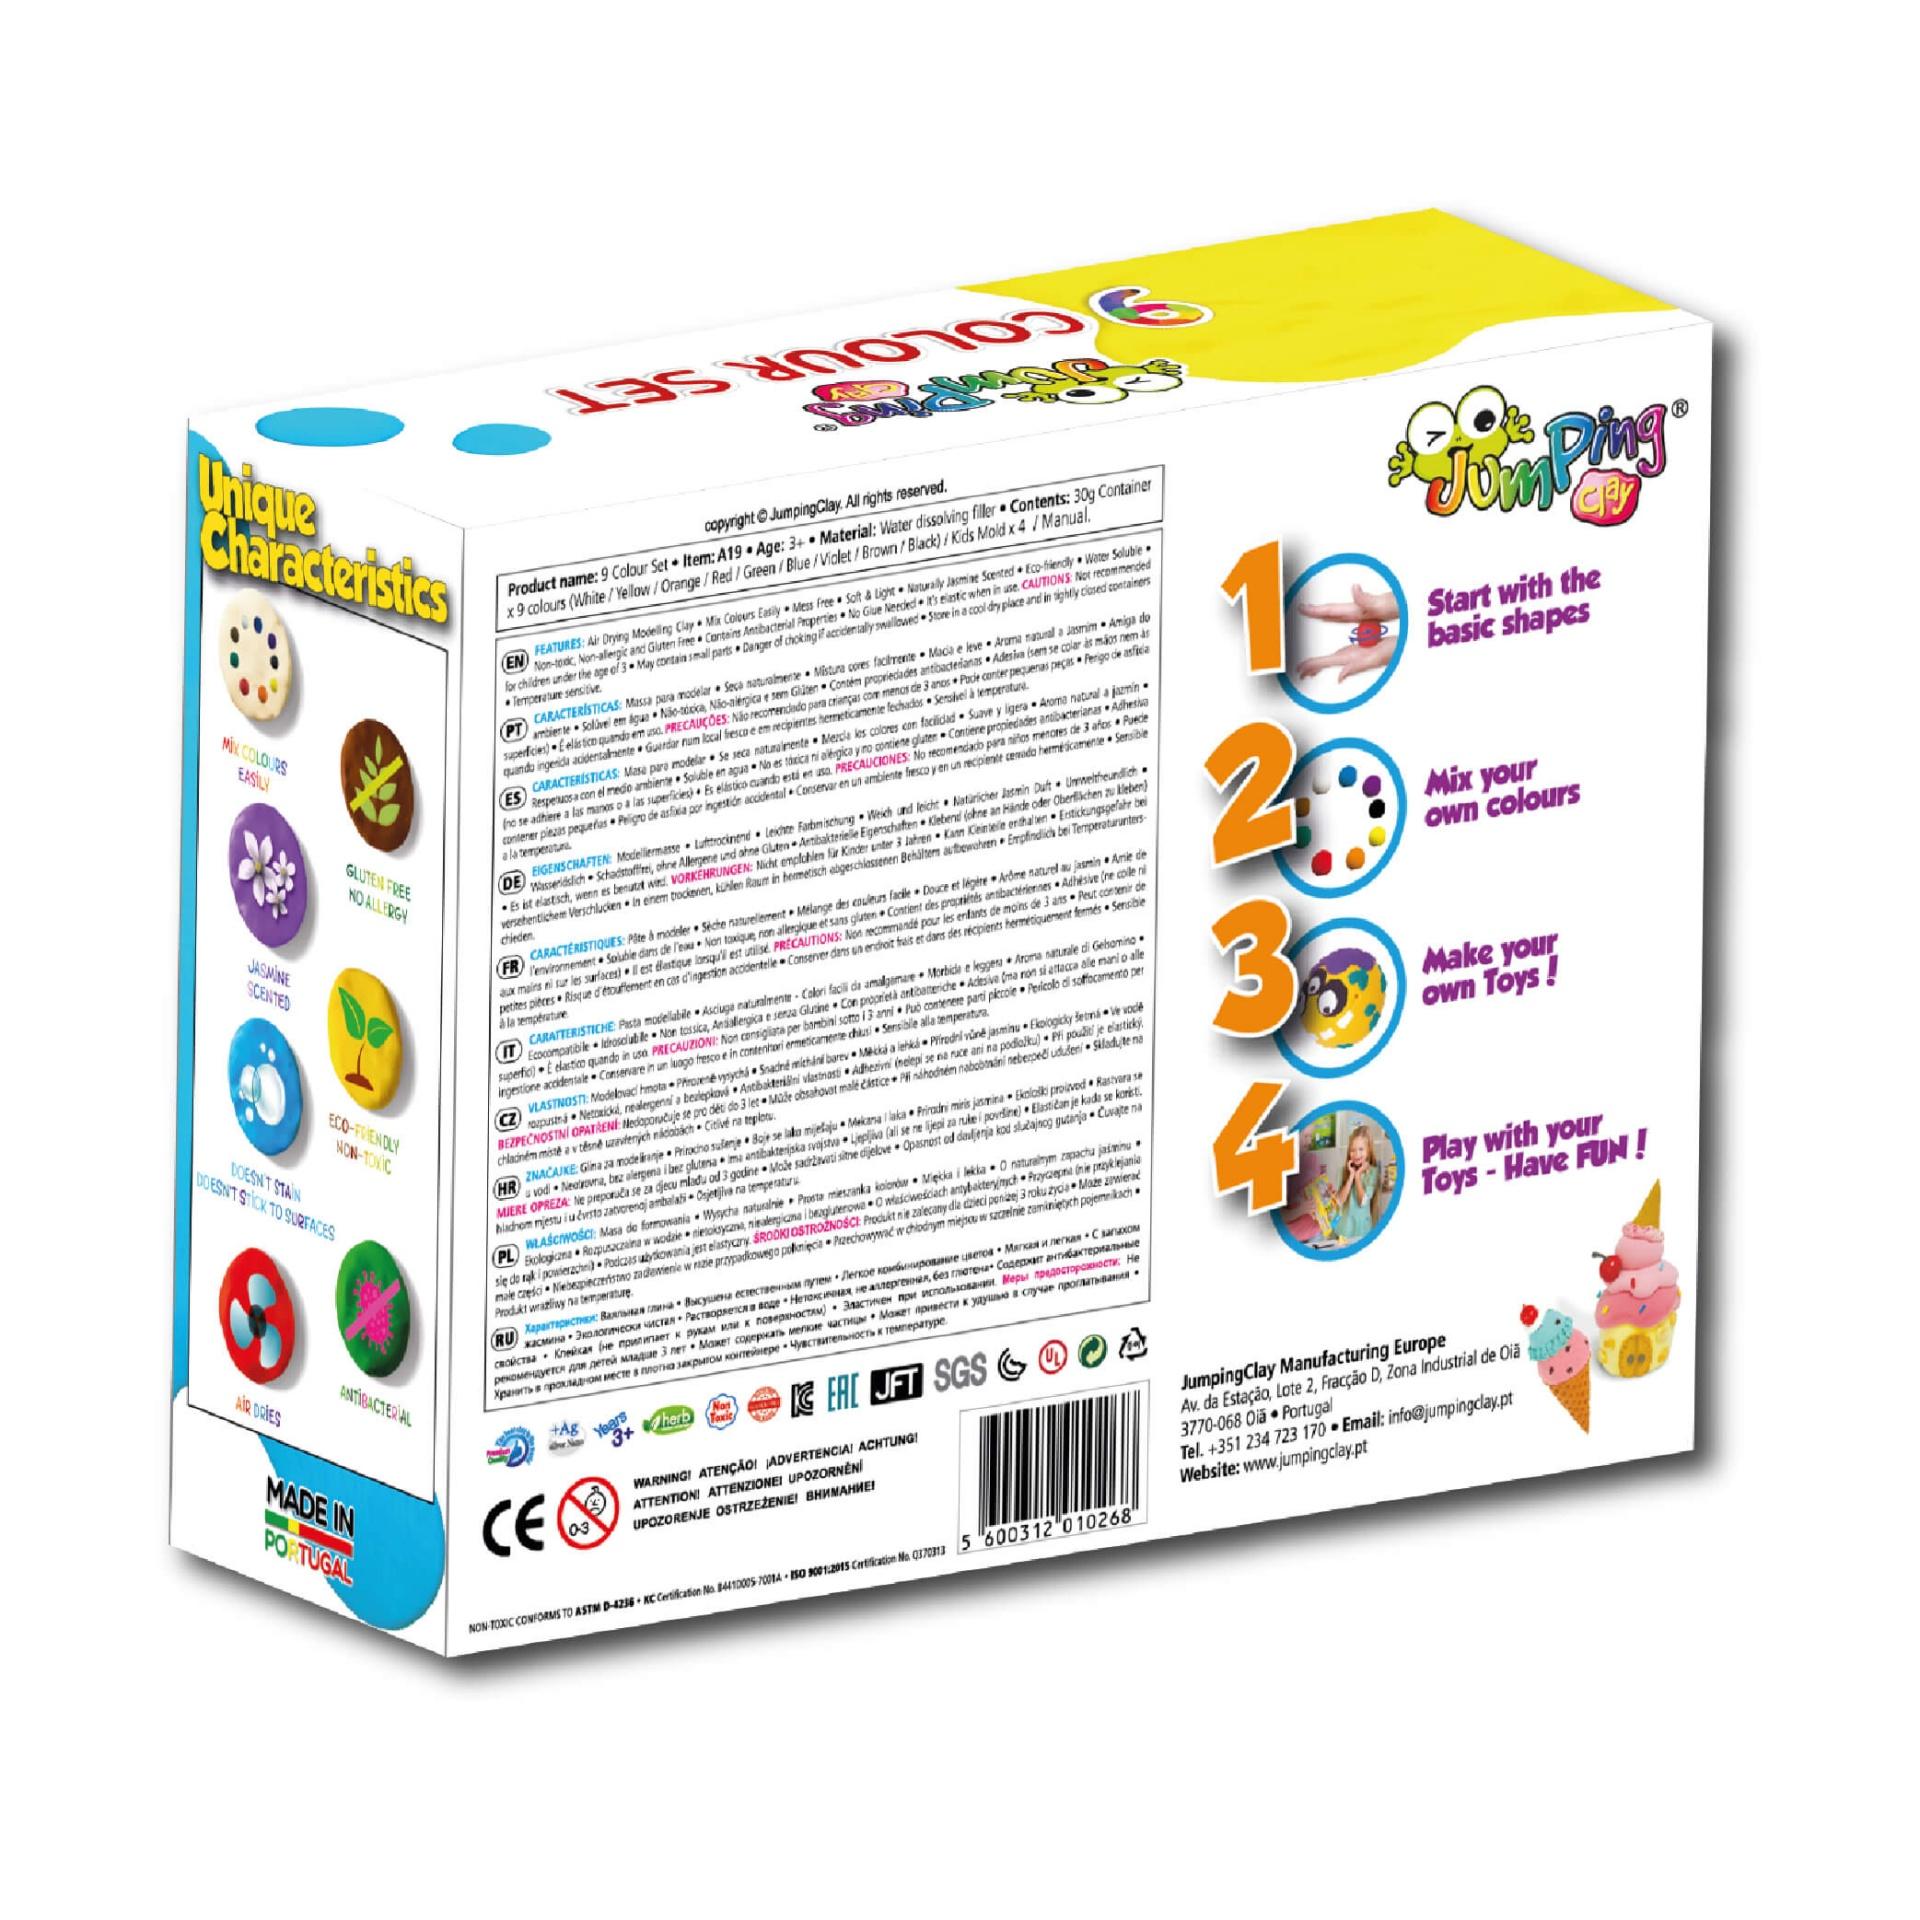 PACK DE 9 CORES - Potes com plasticina JumpingClay